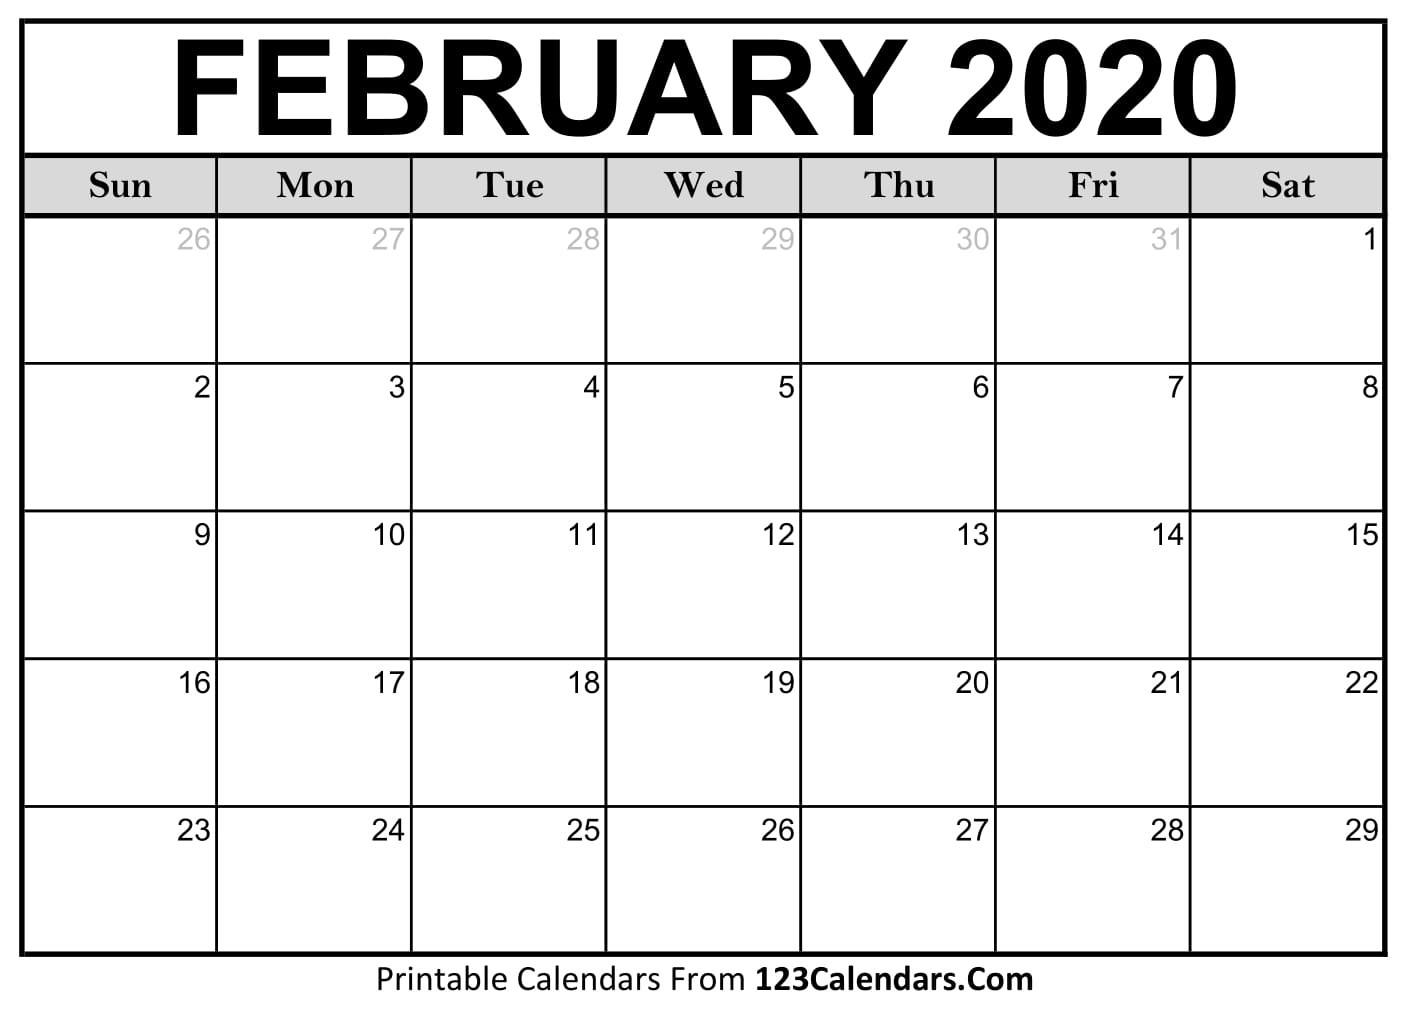 February 2020 Printable Calendar | 123Calendars  February 2020 Calendar